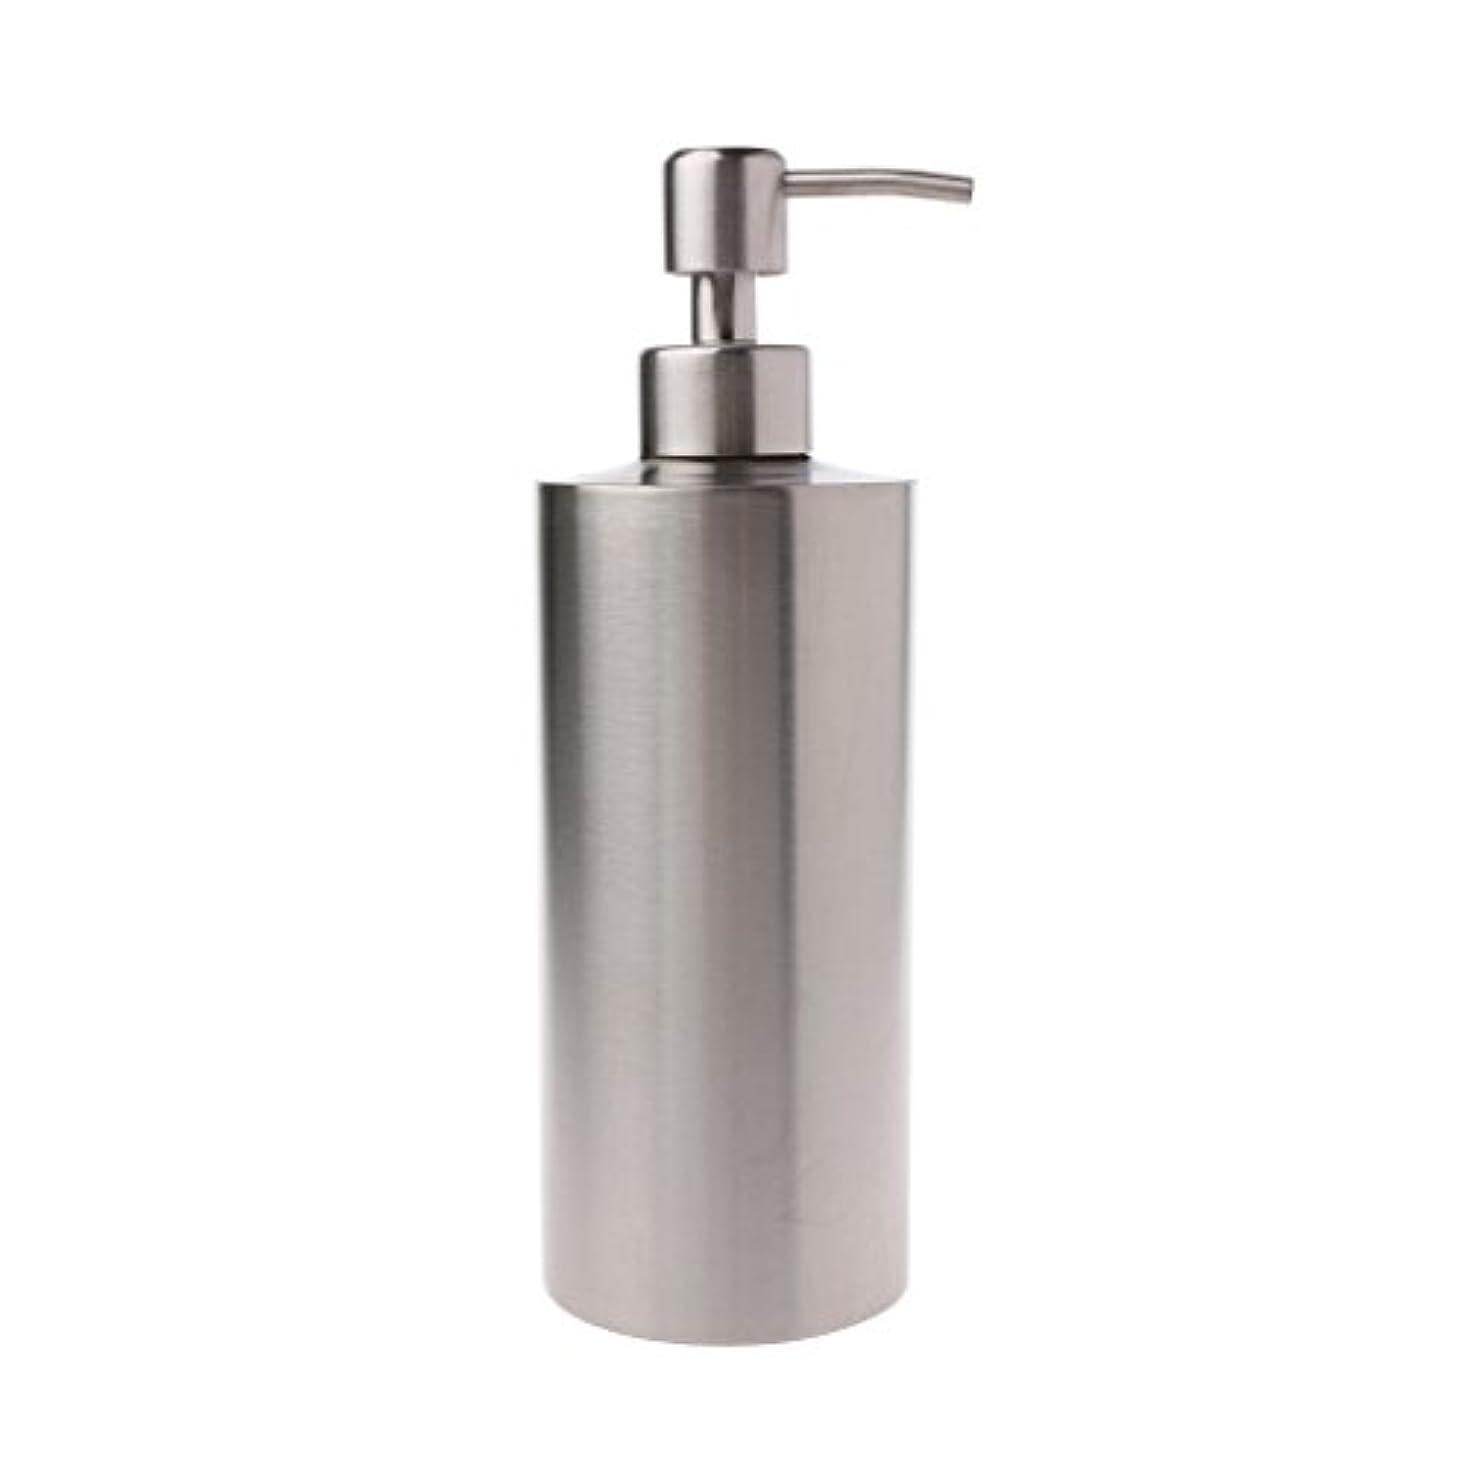 あいまいな黒人署名Lamdoo 304ステンレス鋼ポンプ液体石鹸ローションディスペンサーボトルキッチンバスルーム